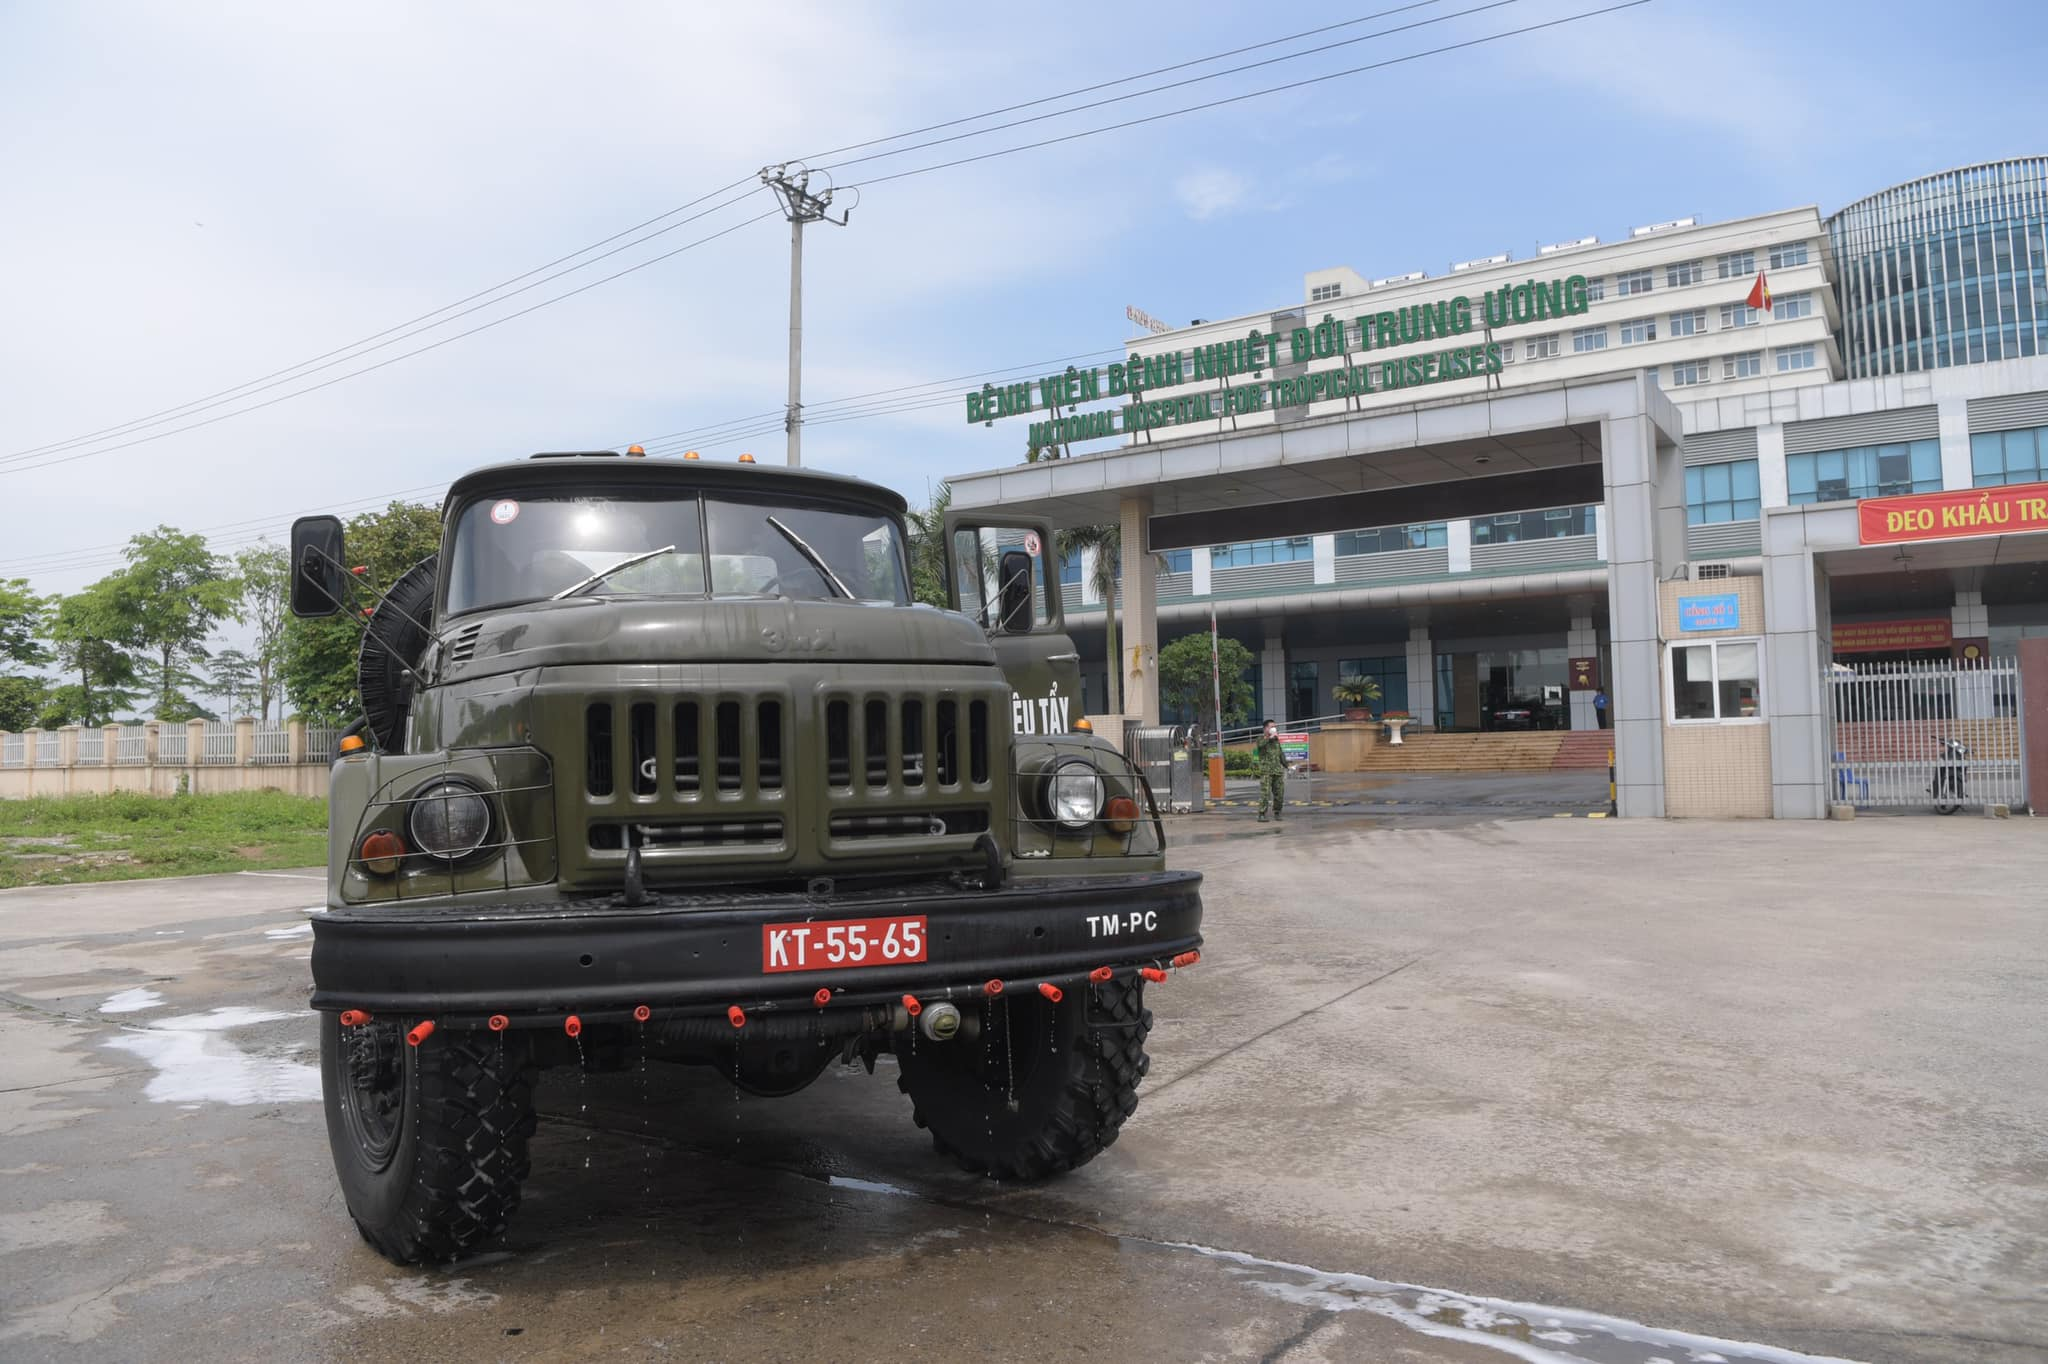 Đã có kết quả 22 trường hợp F1 tiếp xúc với trưởng khoa Bệnh viện Quân y 105 nhiễm Covid-19 - Ảnh 1.